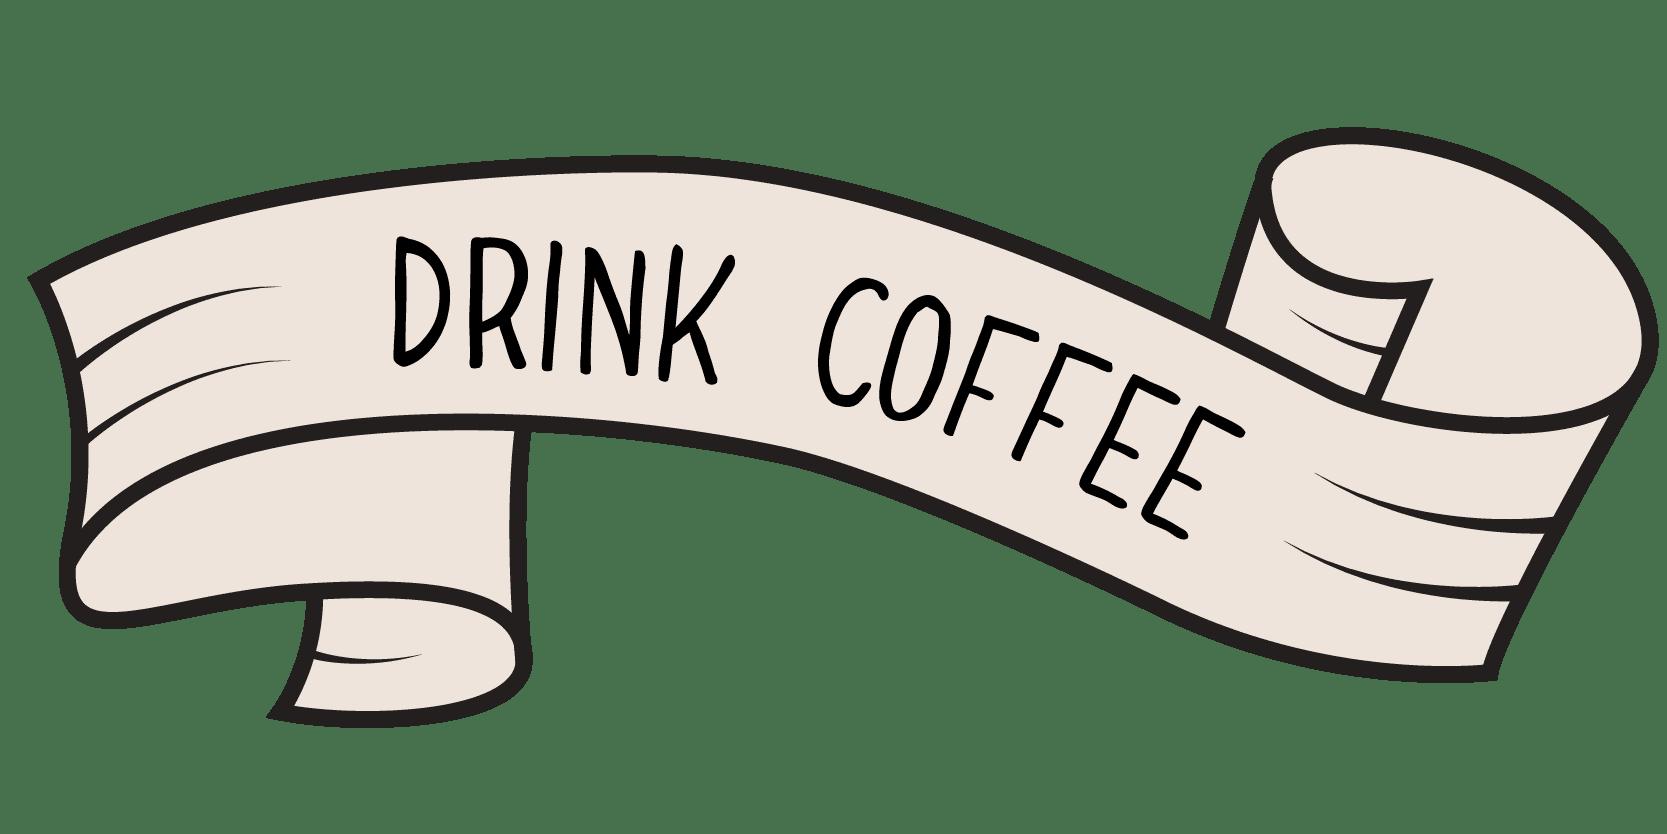 drinkcoffee-01